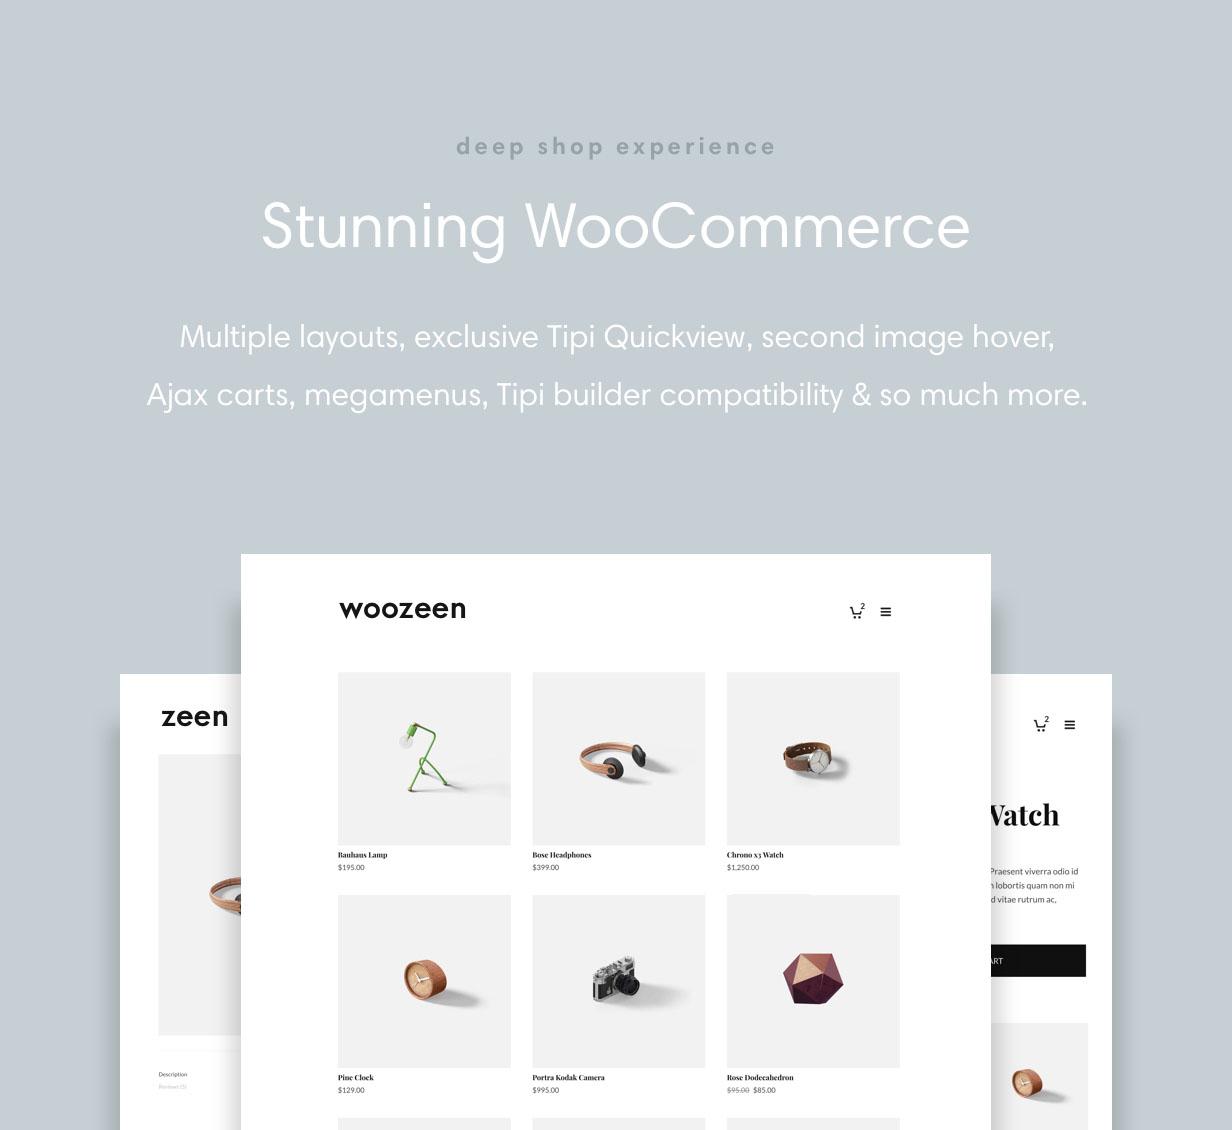 Zeen has deep WooCommerce shop Integration